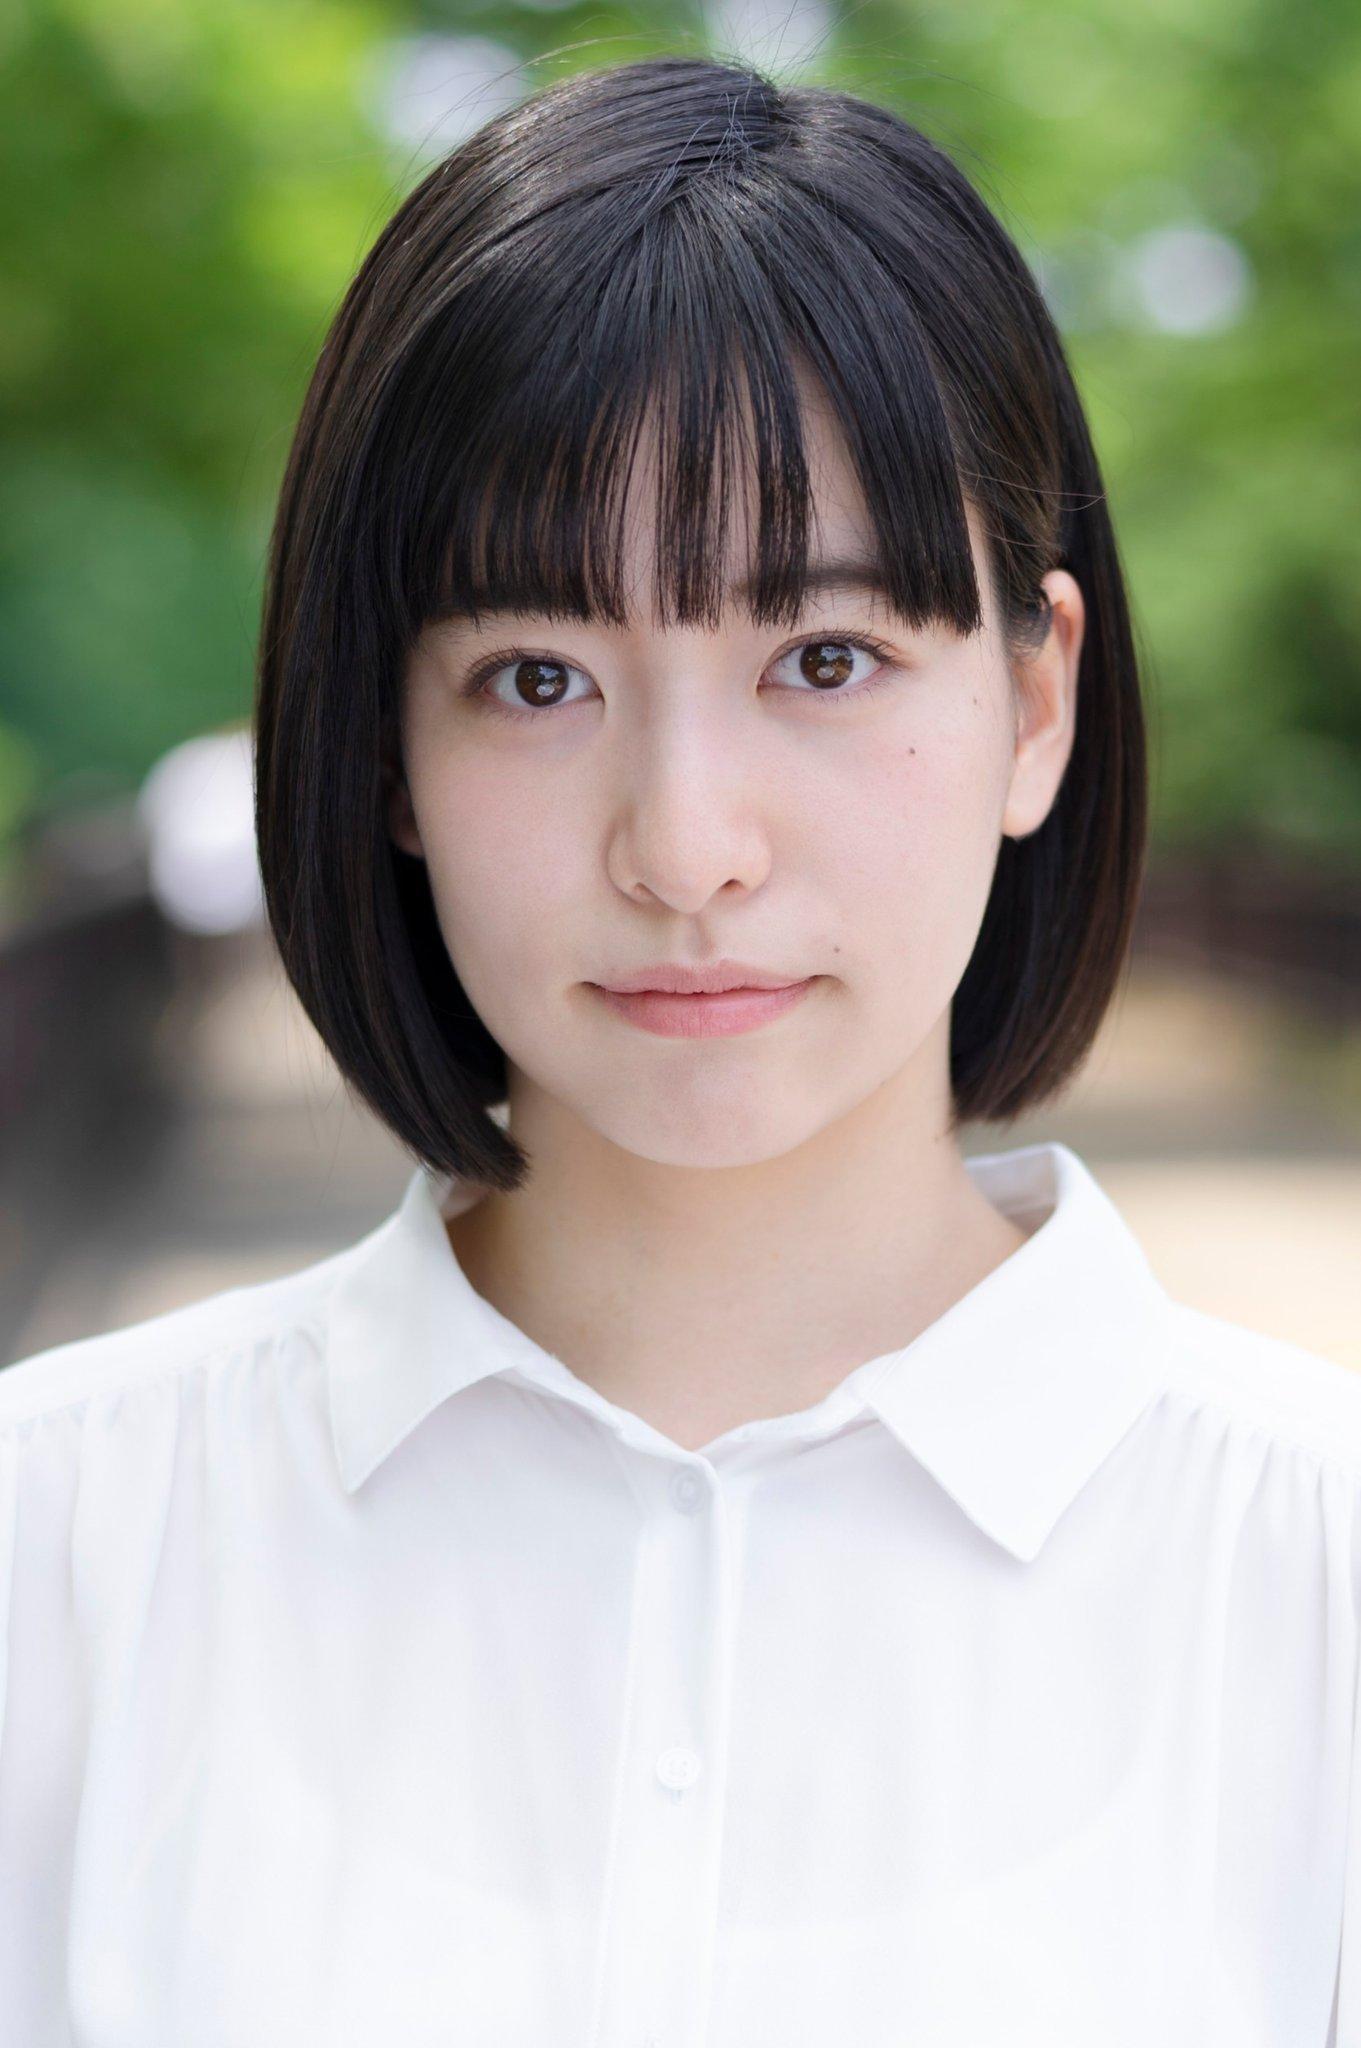 19 岁短发新星「东出薫」处女作曝光!清纯气质掀话题